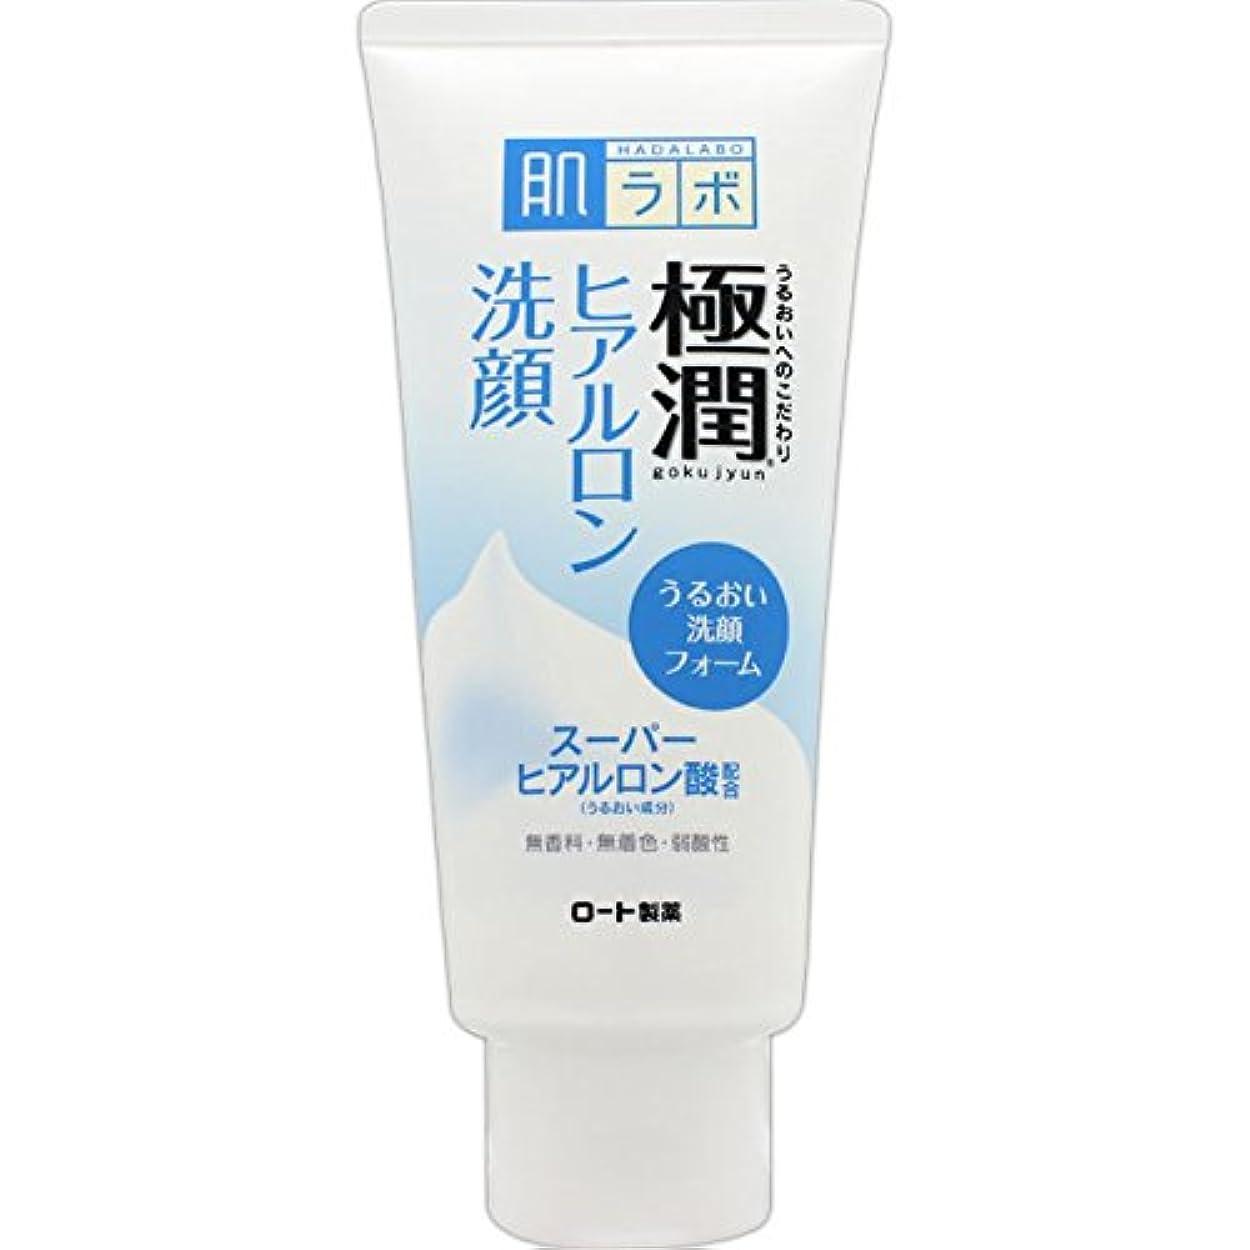 修理工息苦しい秀でる肌ラボ 極潤 ヒアルロン洗顔フォーム スーパーヒアルロン酸&吸着型ヒアルロン酸をW配合 100g